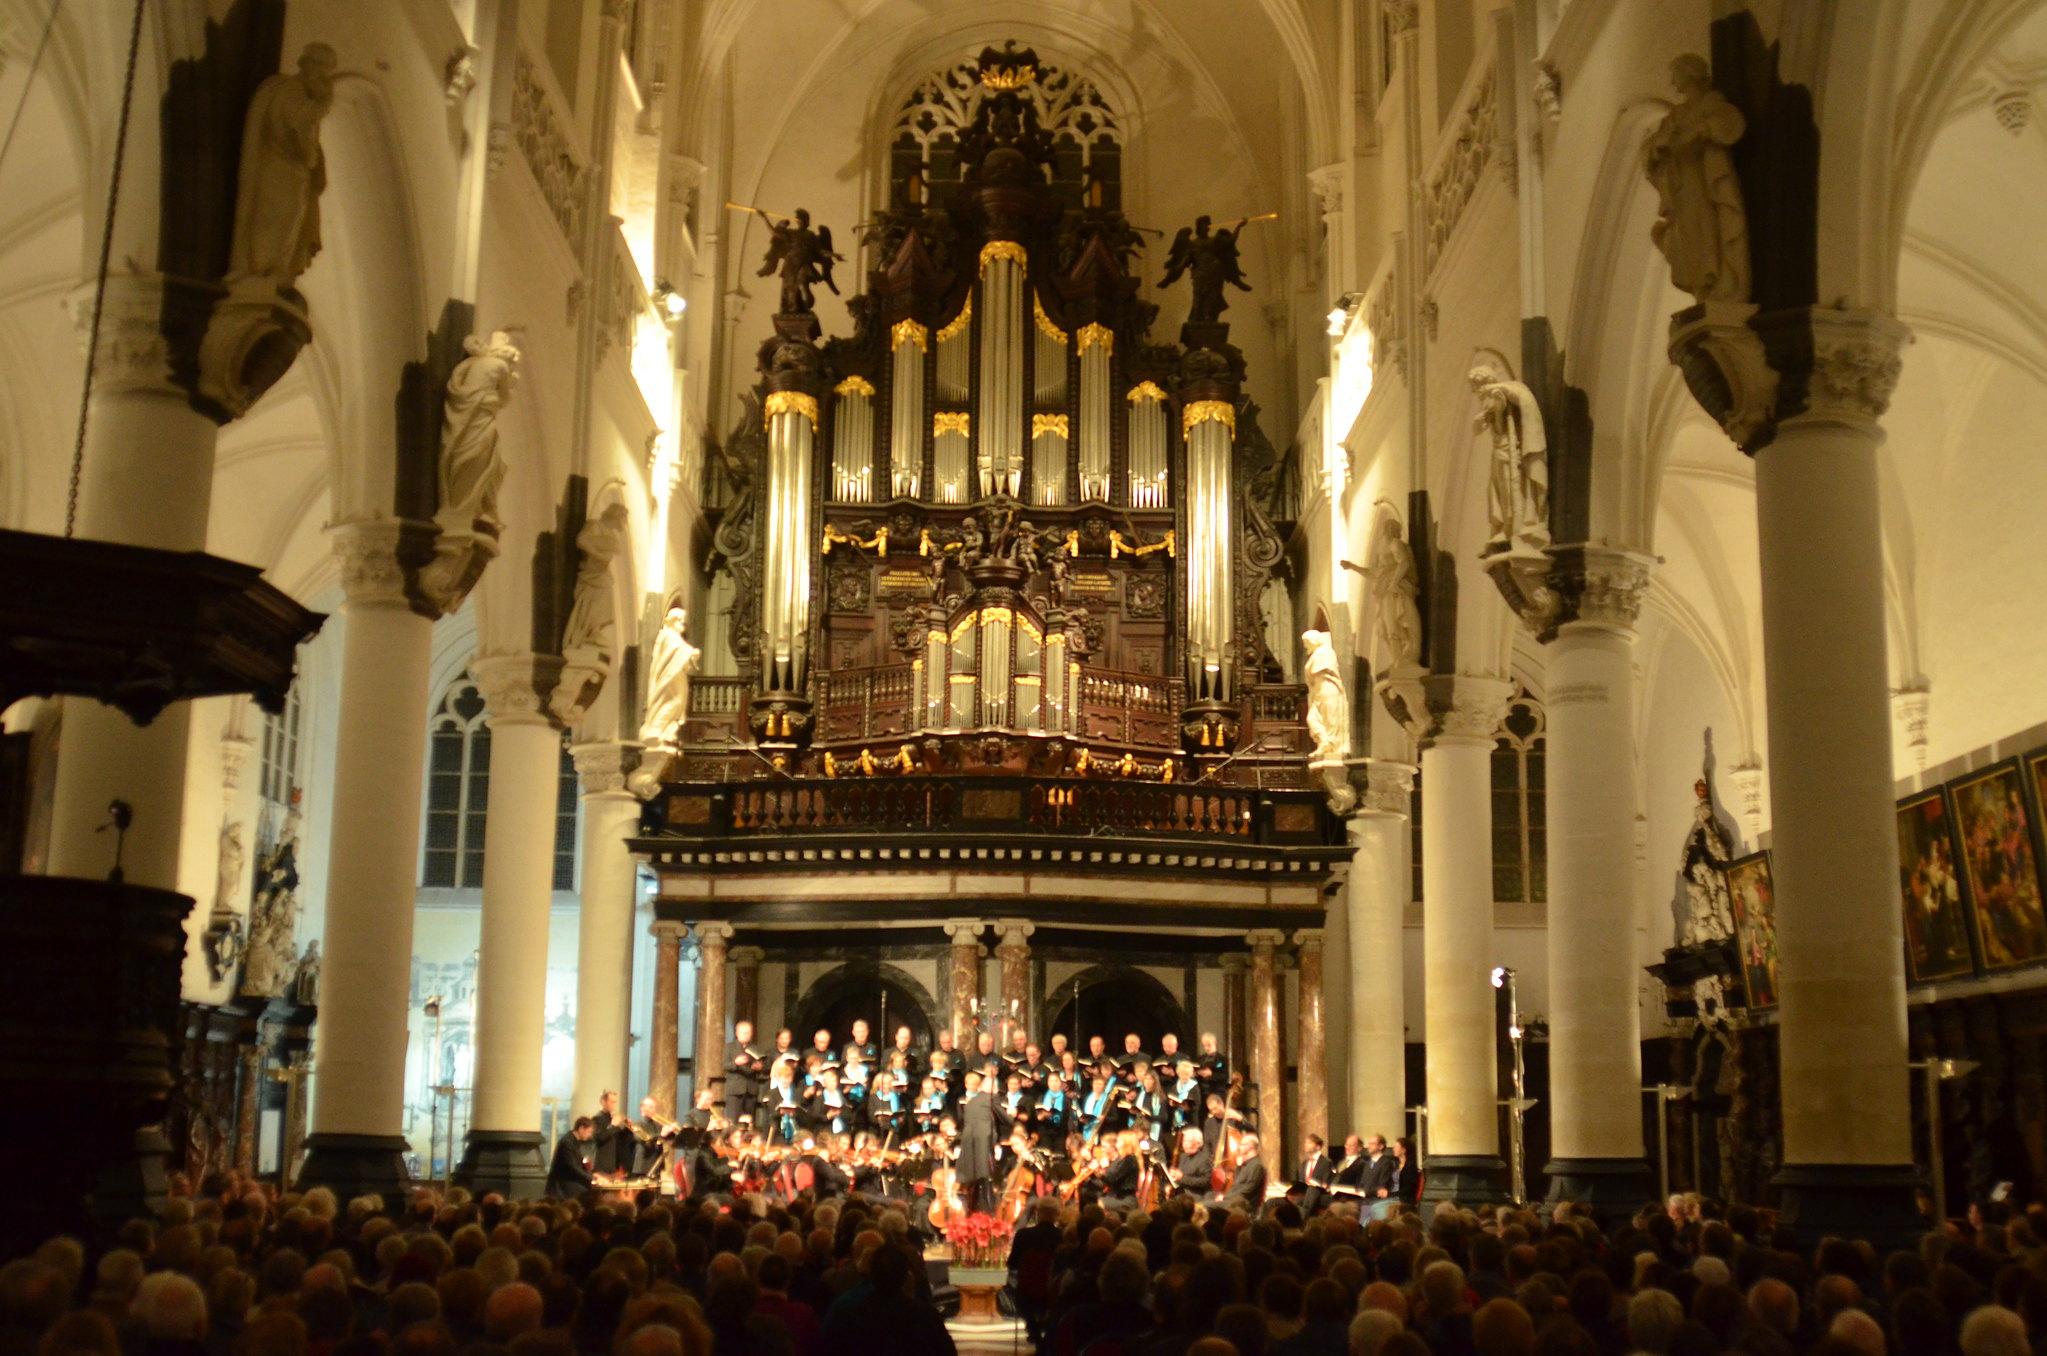 Foto van het muzikaal ensemble alegria voor een orgel.